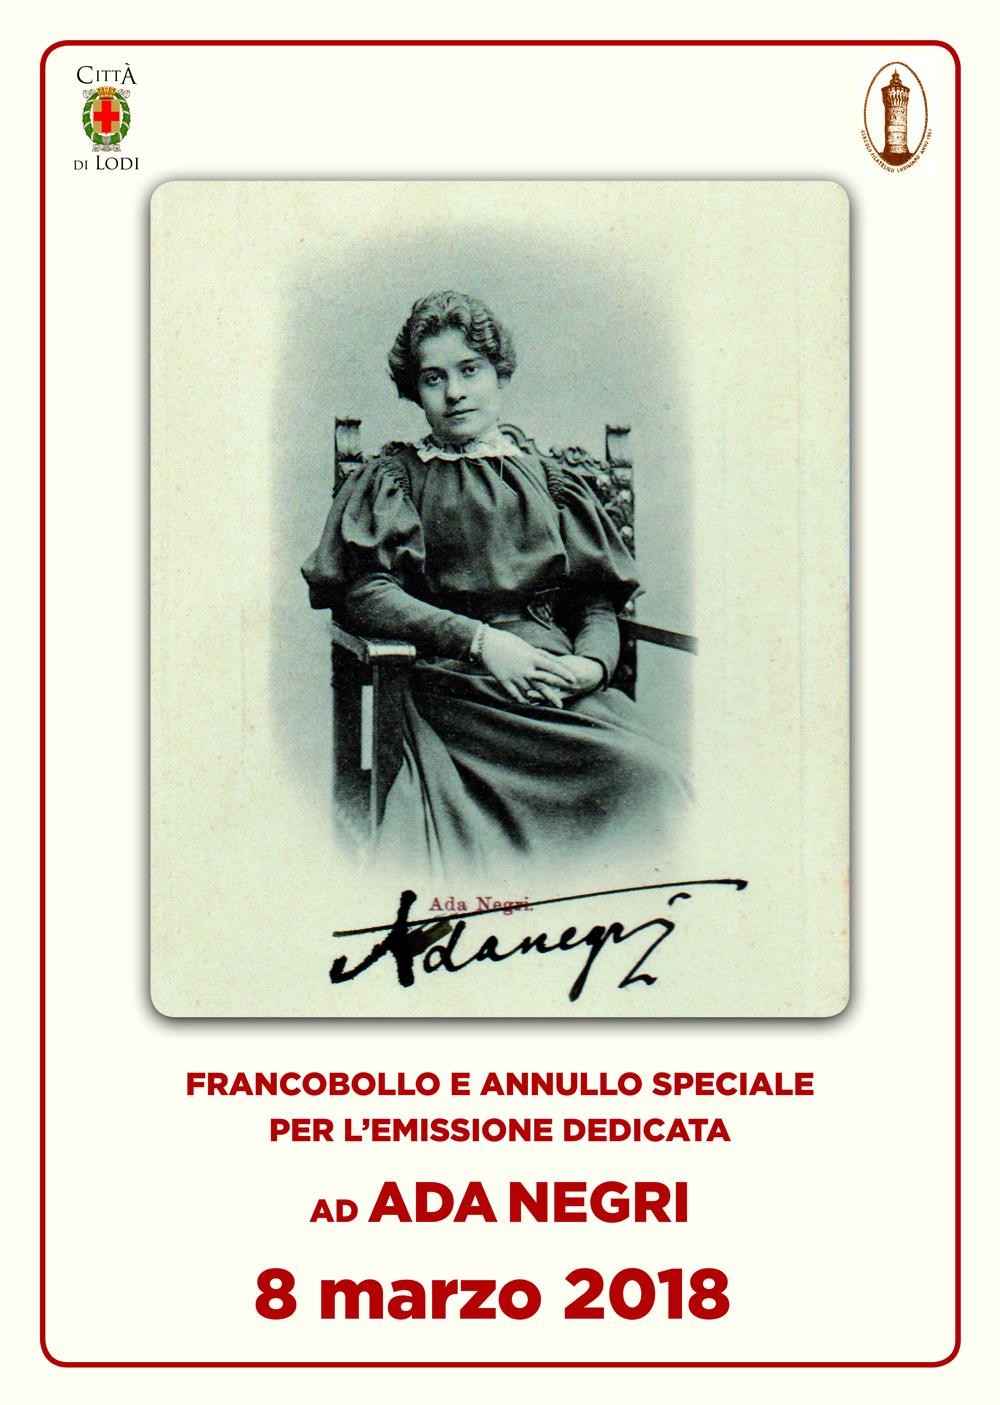 immagine del volantino per il francobollo e annullo speciale per l'emissione dedicata ad ada negri